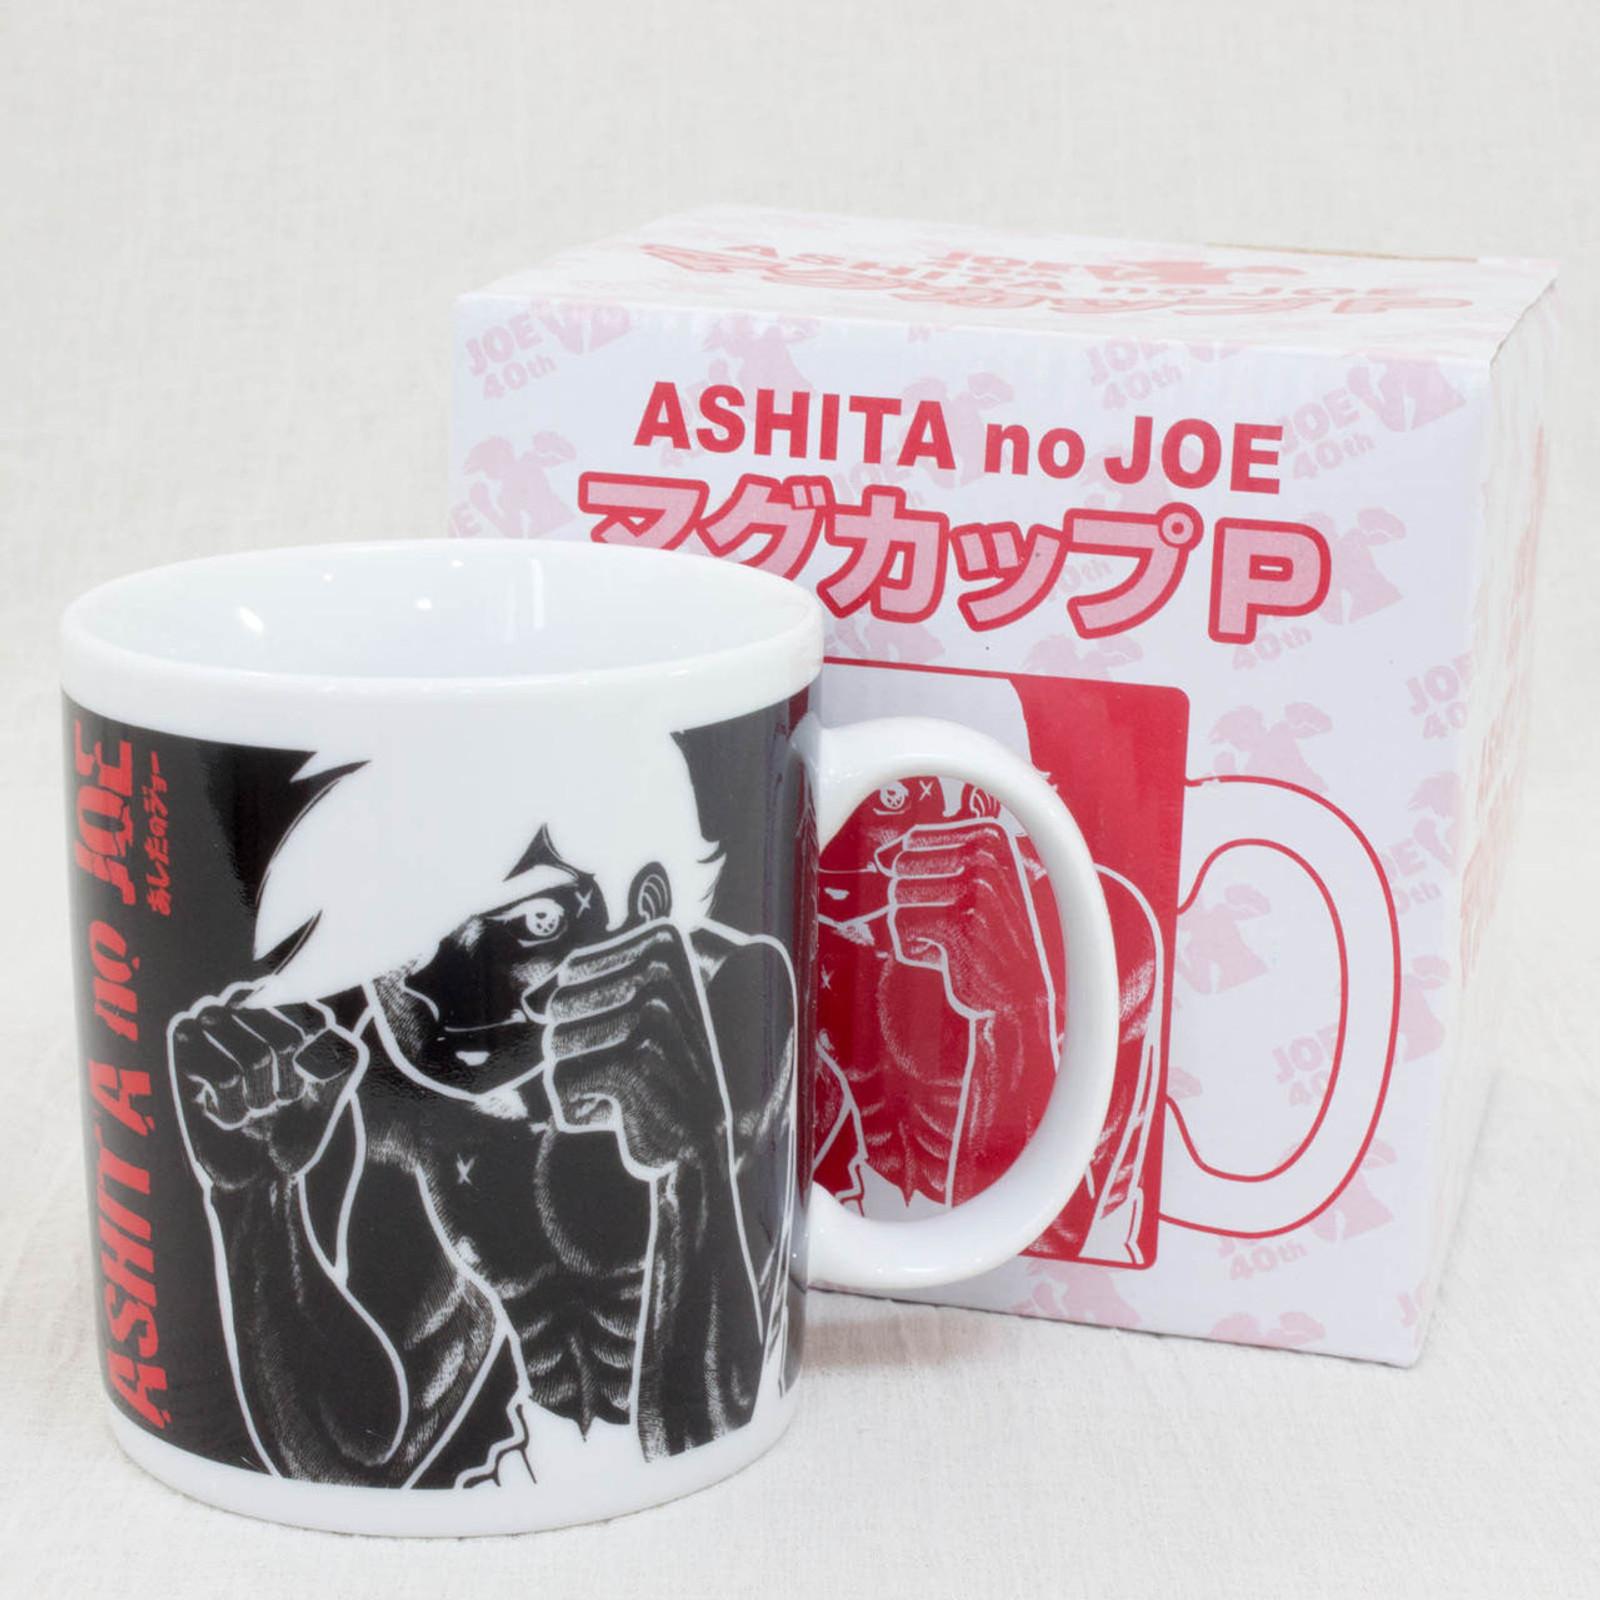 Ashita no Joe Yabuki Joe Mug JOE 40th Anniversary JAPAN ANIME MANGA